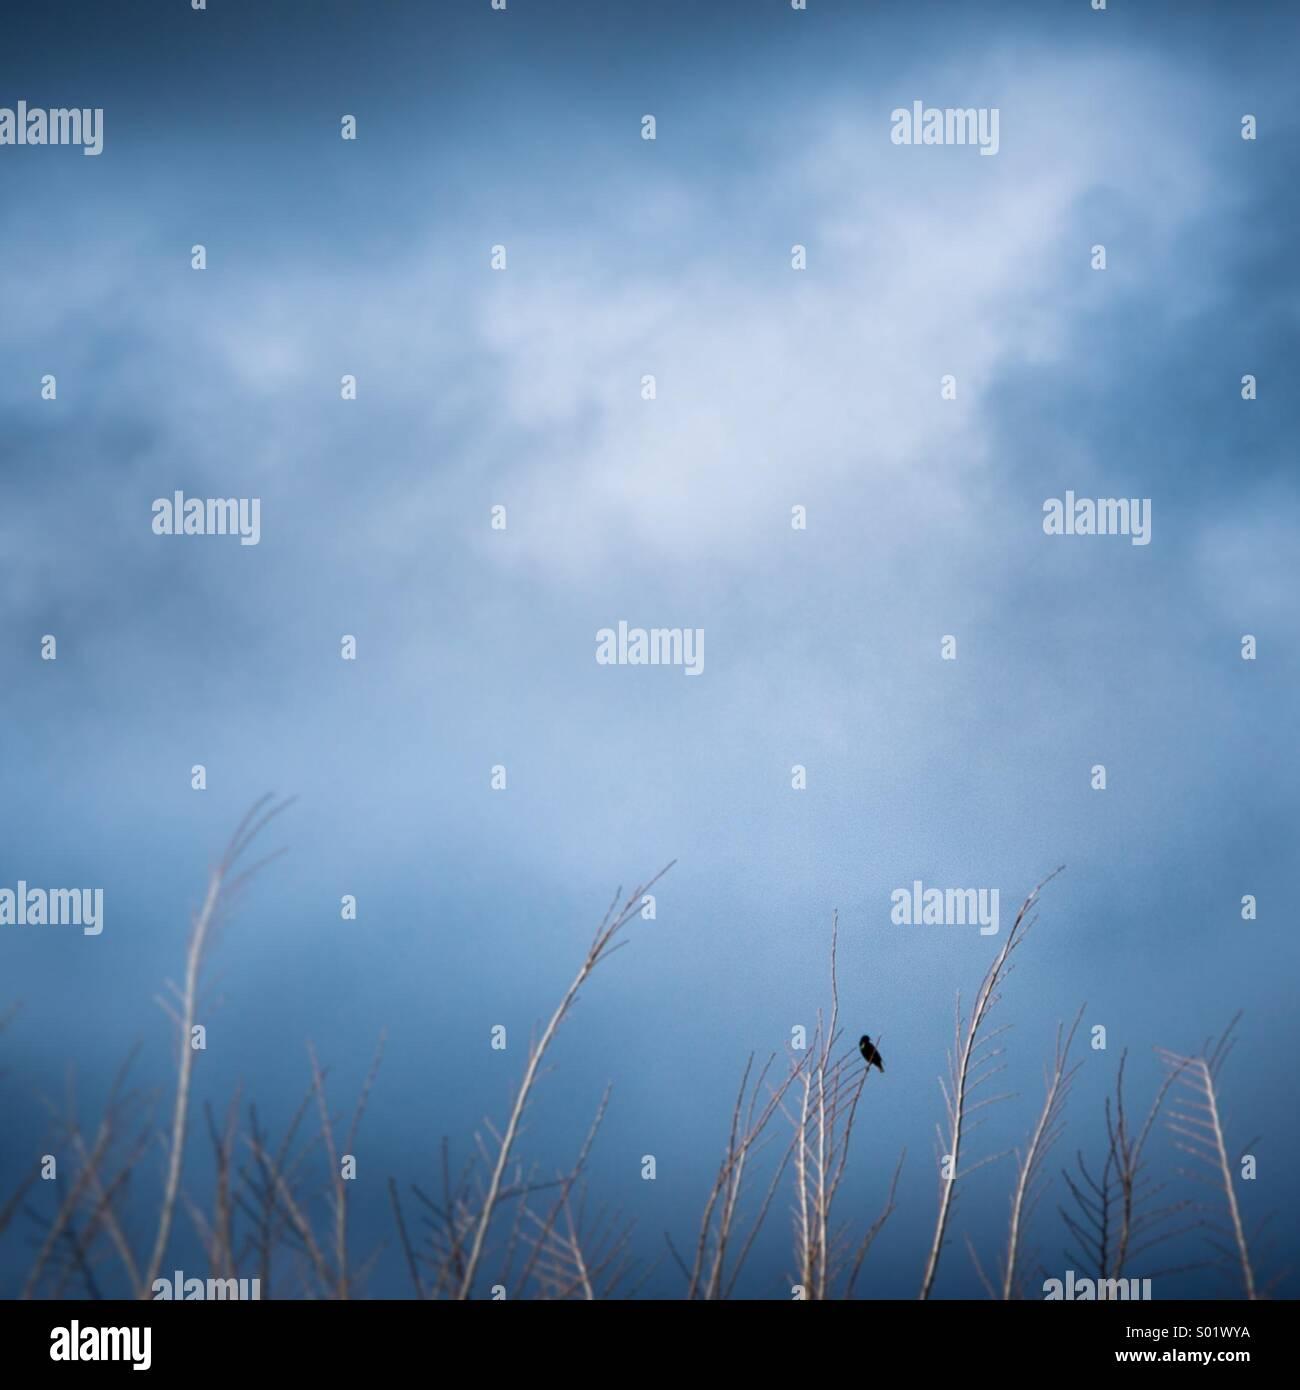 Un oiseau repose sur une branche d'arbre sous un ciel orageux. Photo Stock